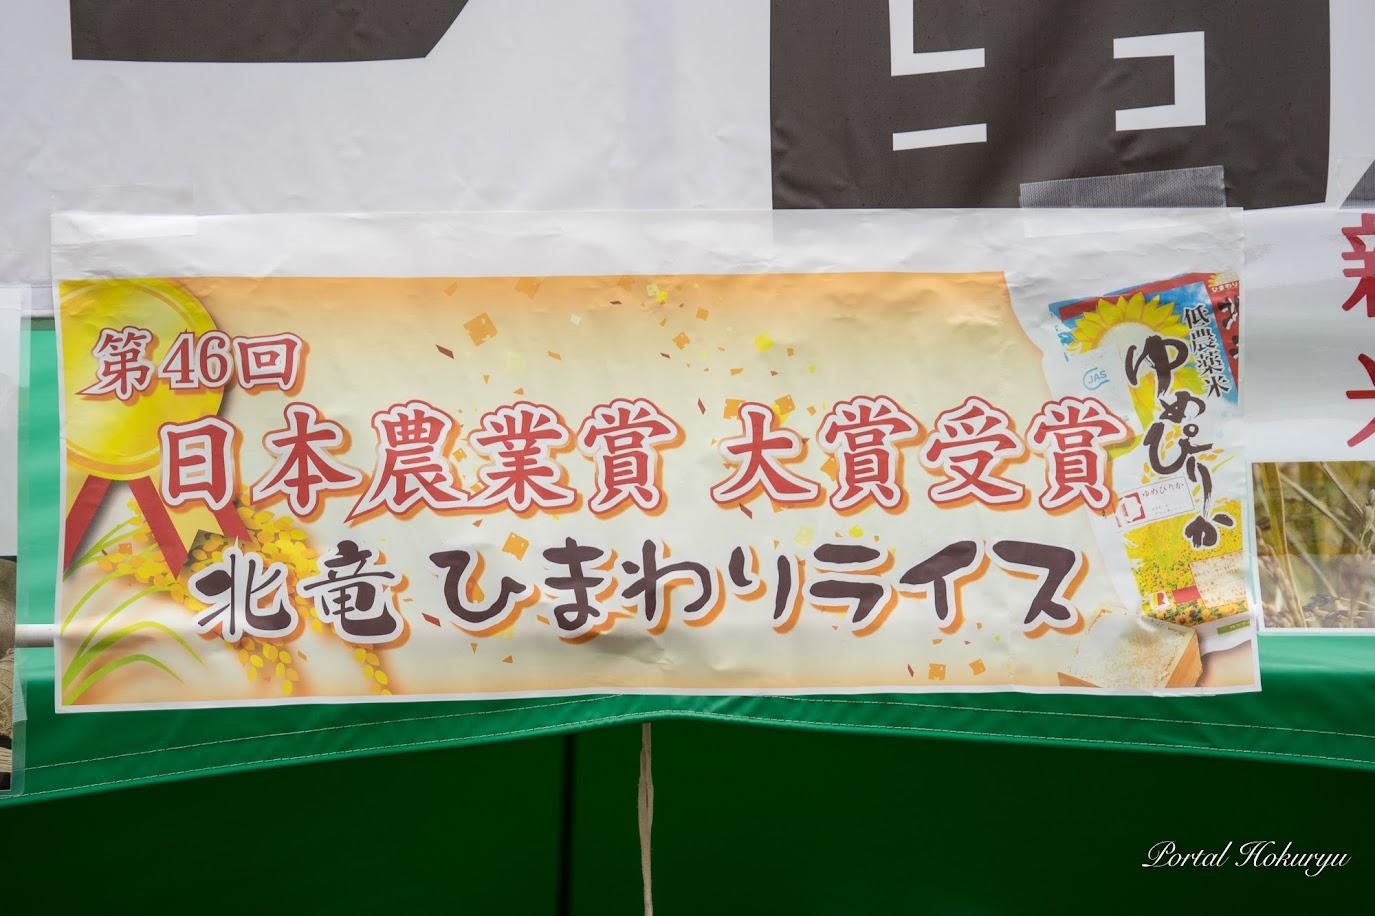 第46回日本農業賞大賞受賞「北竜ひまわりライス」